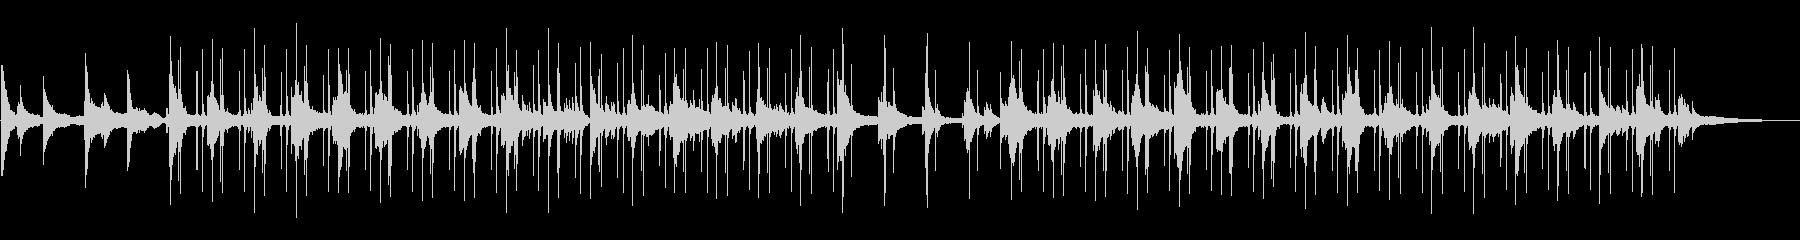 (雨音抜き)ジャズLo-fi チルアウトの未再生の波形